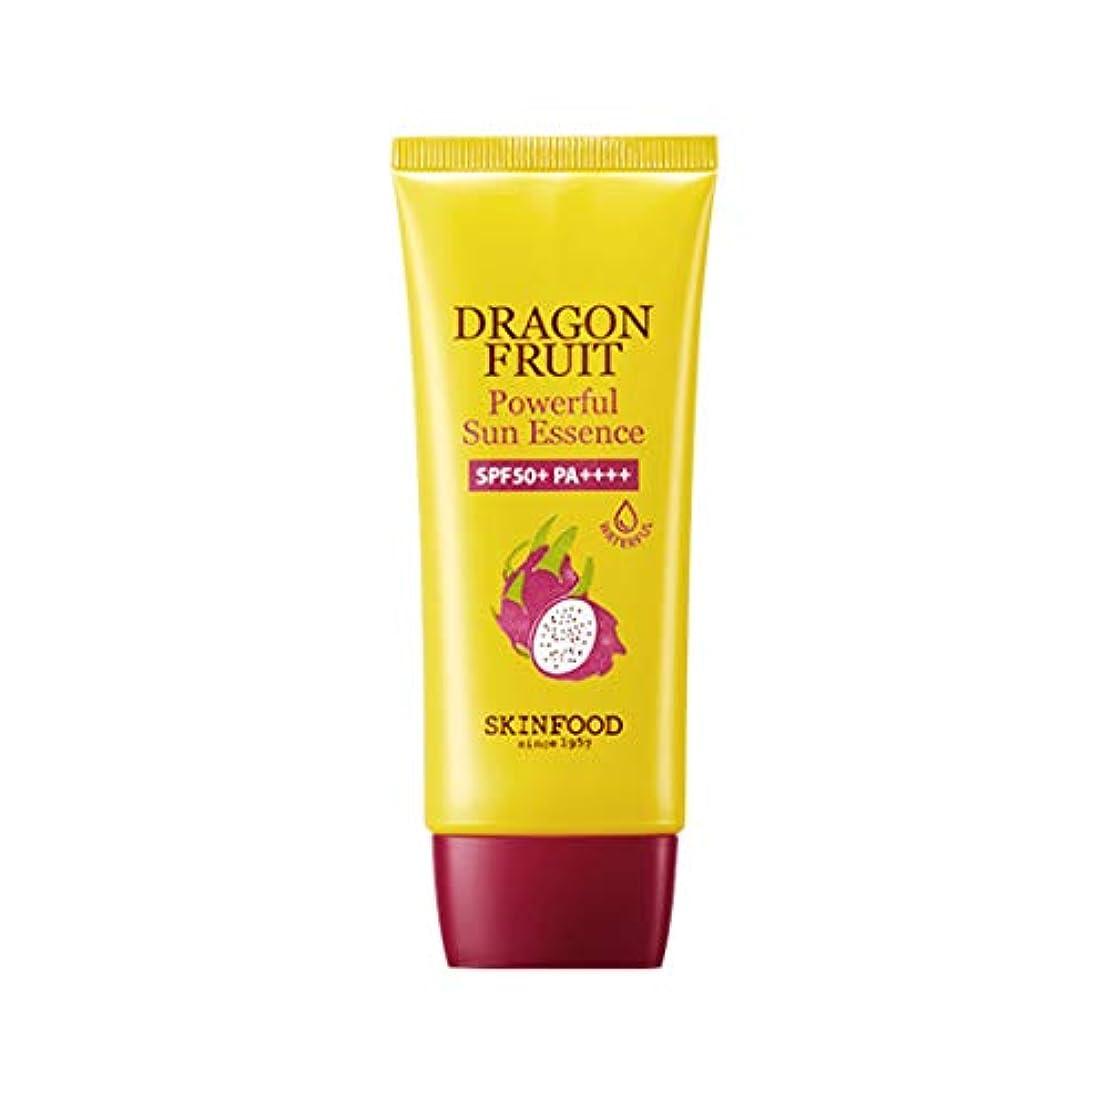 リーガンはい九月Skinfood ドラゴンフルーツパワフルサンエッセンスSPF50 + PA +++ / Dragon Fruit Powerful Sun Essence SPF50+ PA+++ 50ml [並行輸入品]